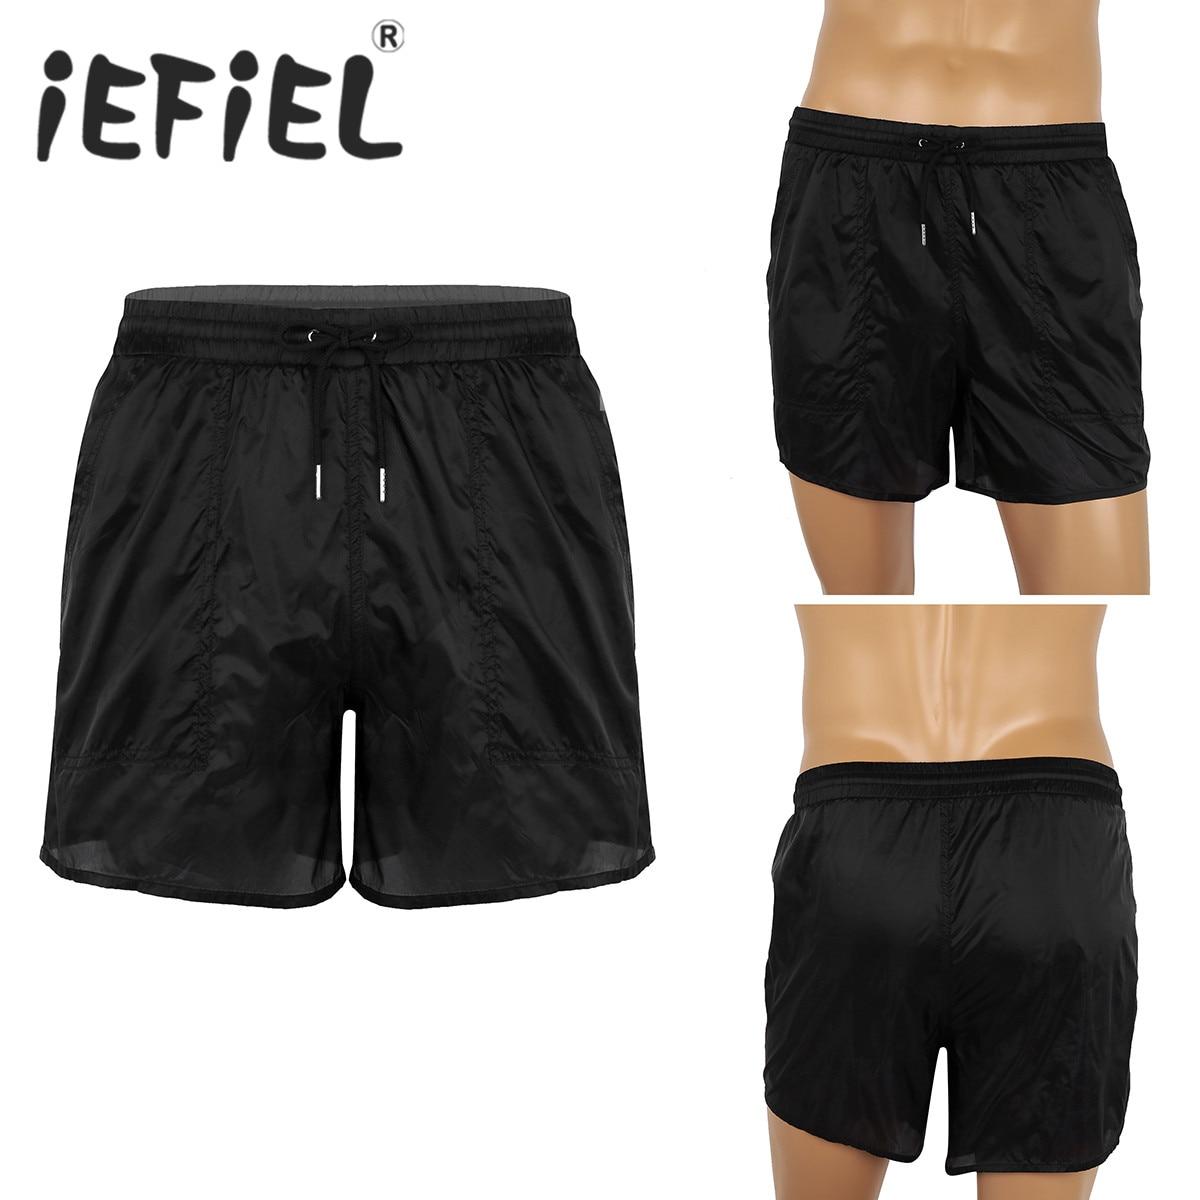 Masculino Mens Boxer Shorts Elastic Cintura See-Through Cordão Quick Dry Praia Shorts Swim Trunks com Bulit-em cuecas de malha Calças